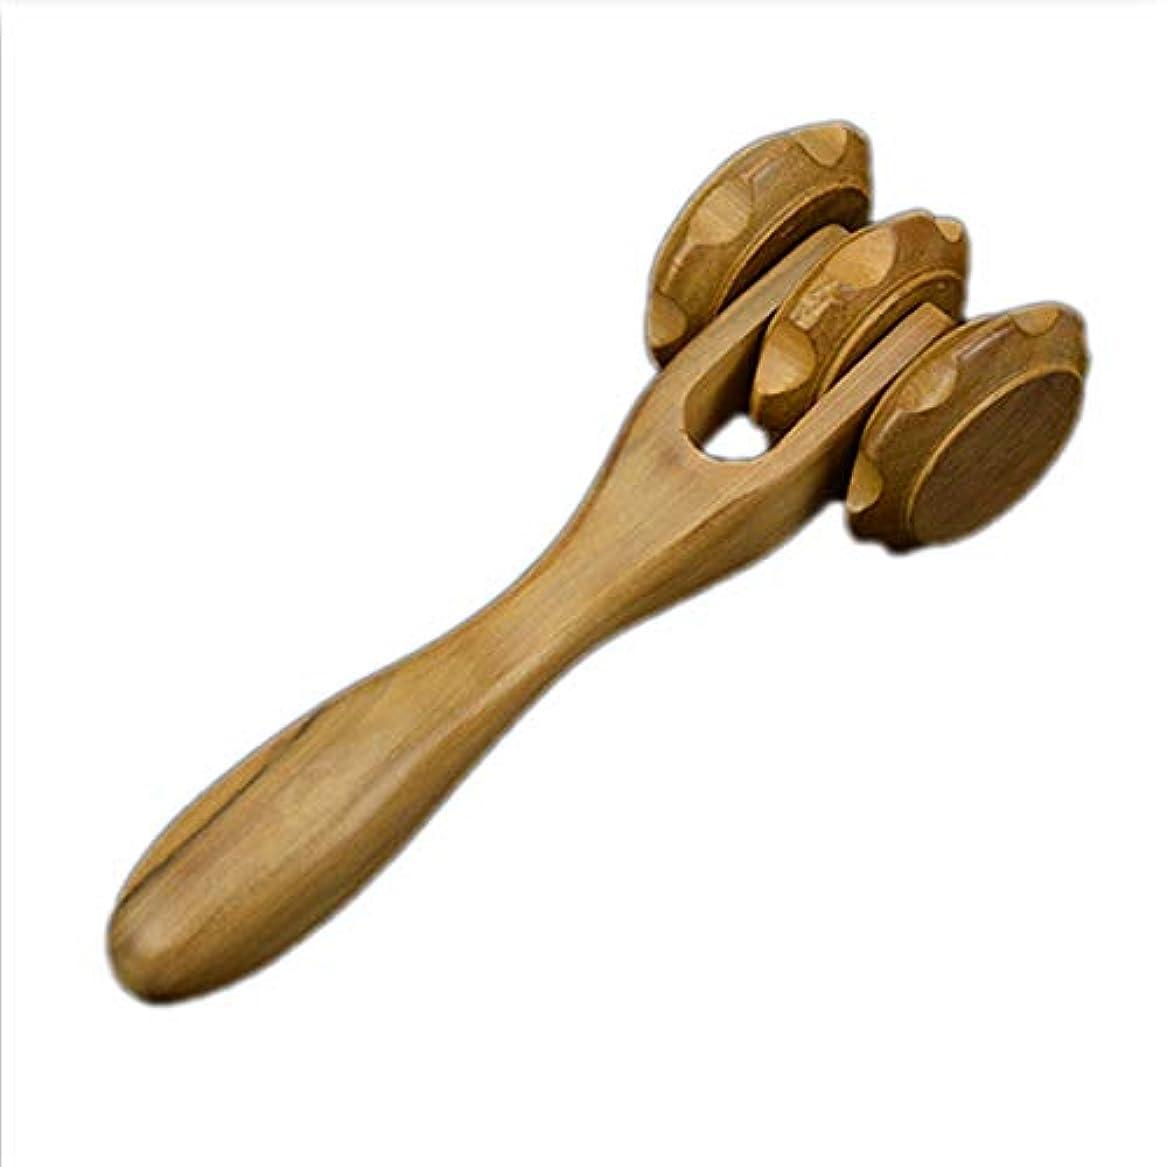 受粉する主人委員会フェリモア マッサージローラー 木製 ツボ押し 3連ローラー 首 肩 腰 二の腕 美顔 筋肉 (ブラウン)